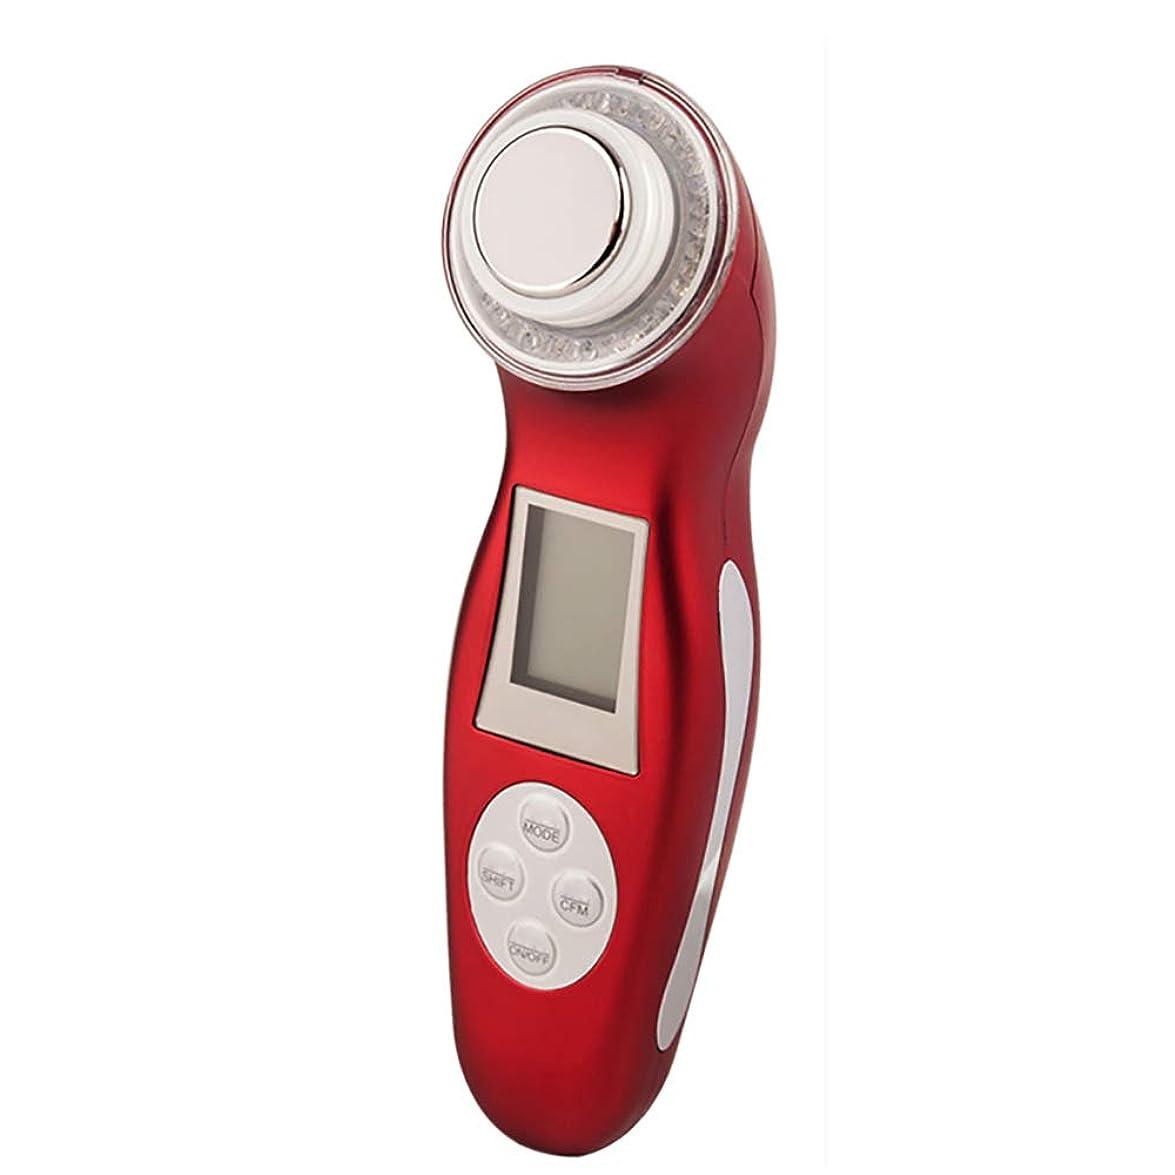 省略する本高度な引き締め美容装置3色光モードリフティングスキン、若返り顔マッサージしわ白くスキンケア器具,Red